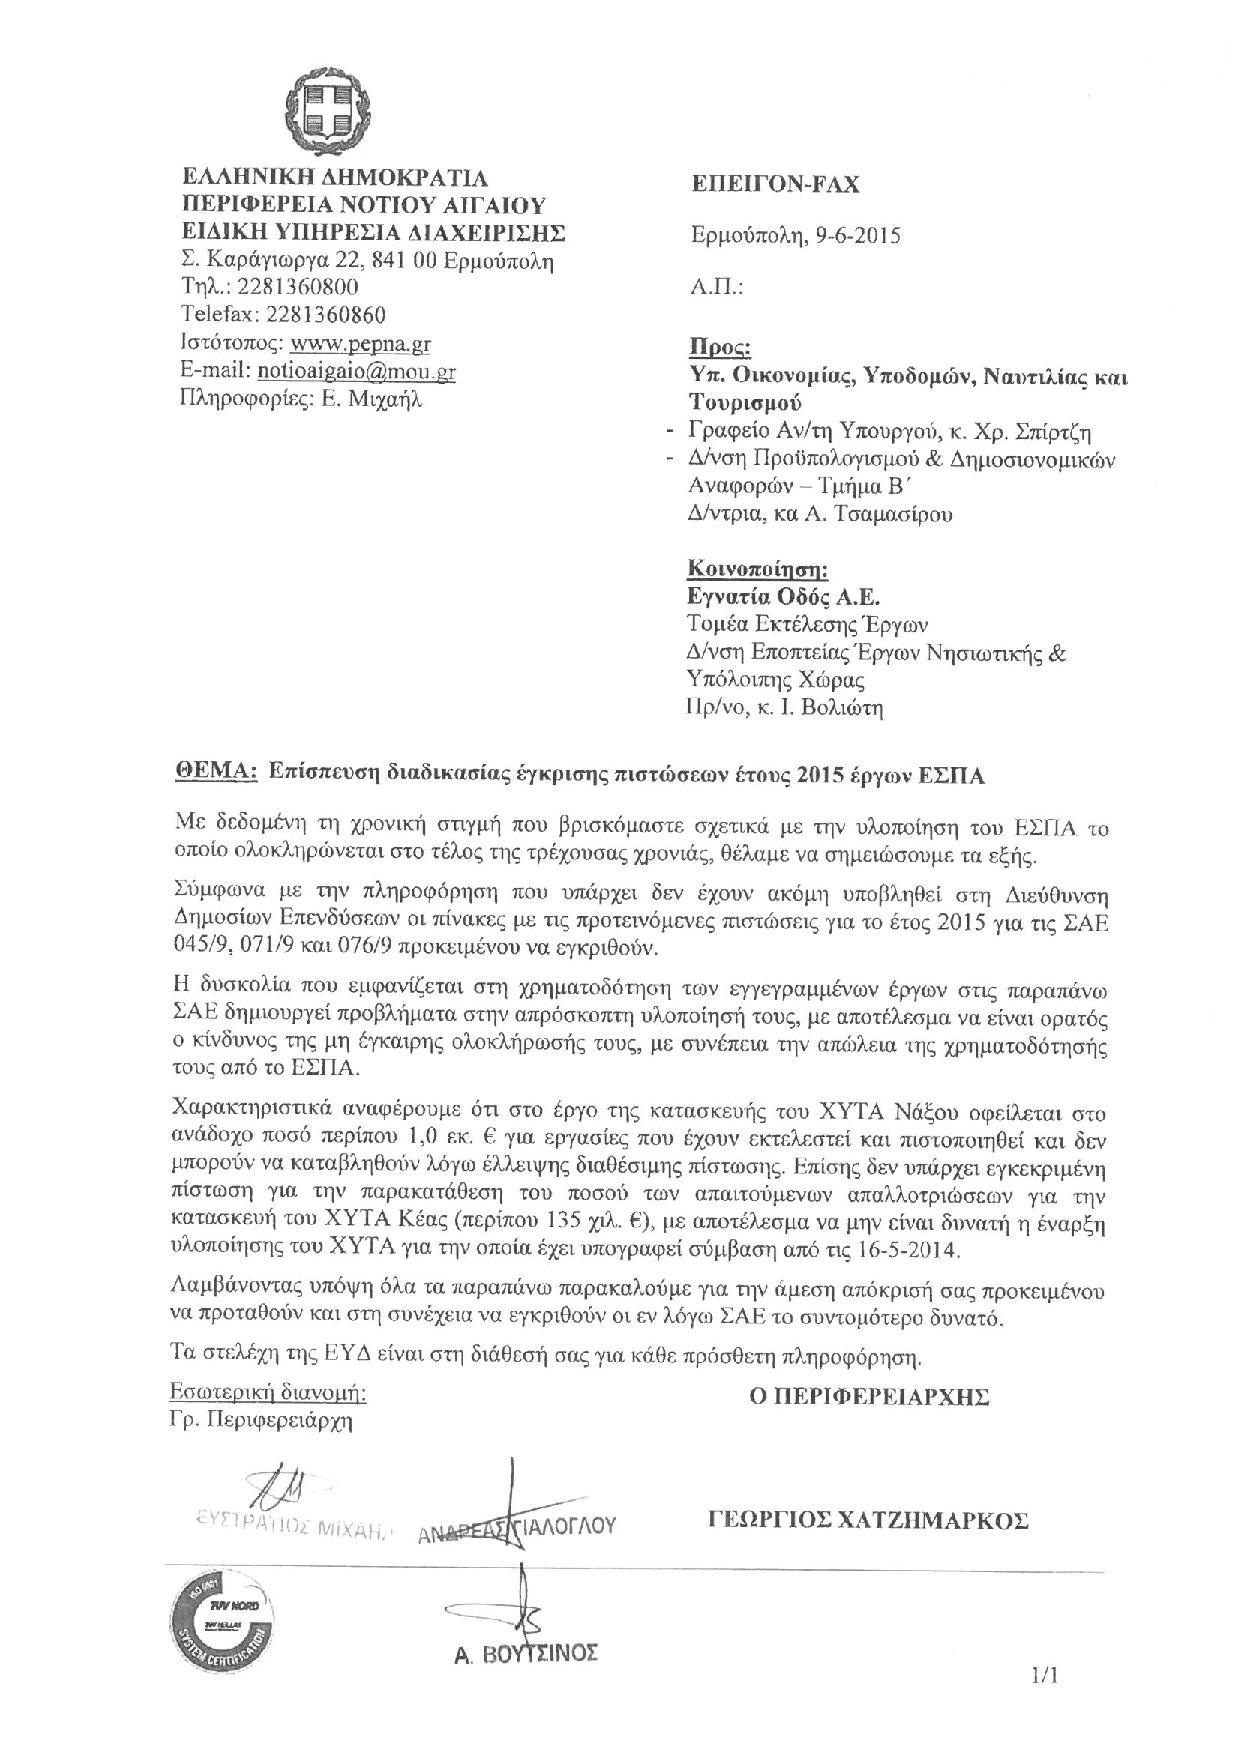 ΕΓΓΡΑΦΟ ΓΙΑ ΣΑΕ-page-001